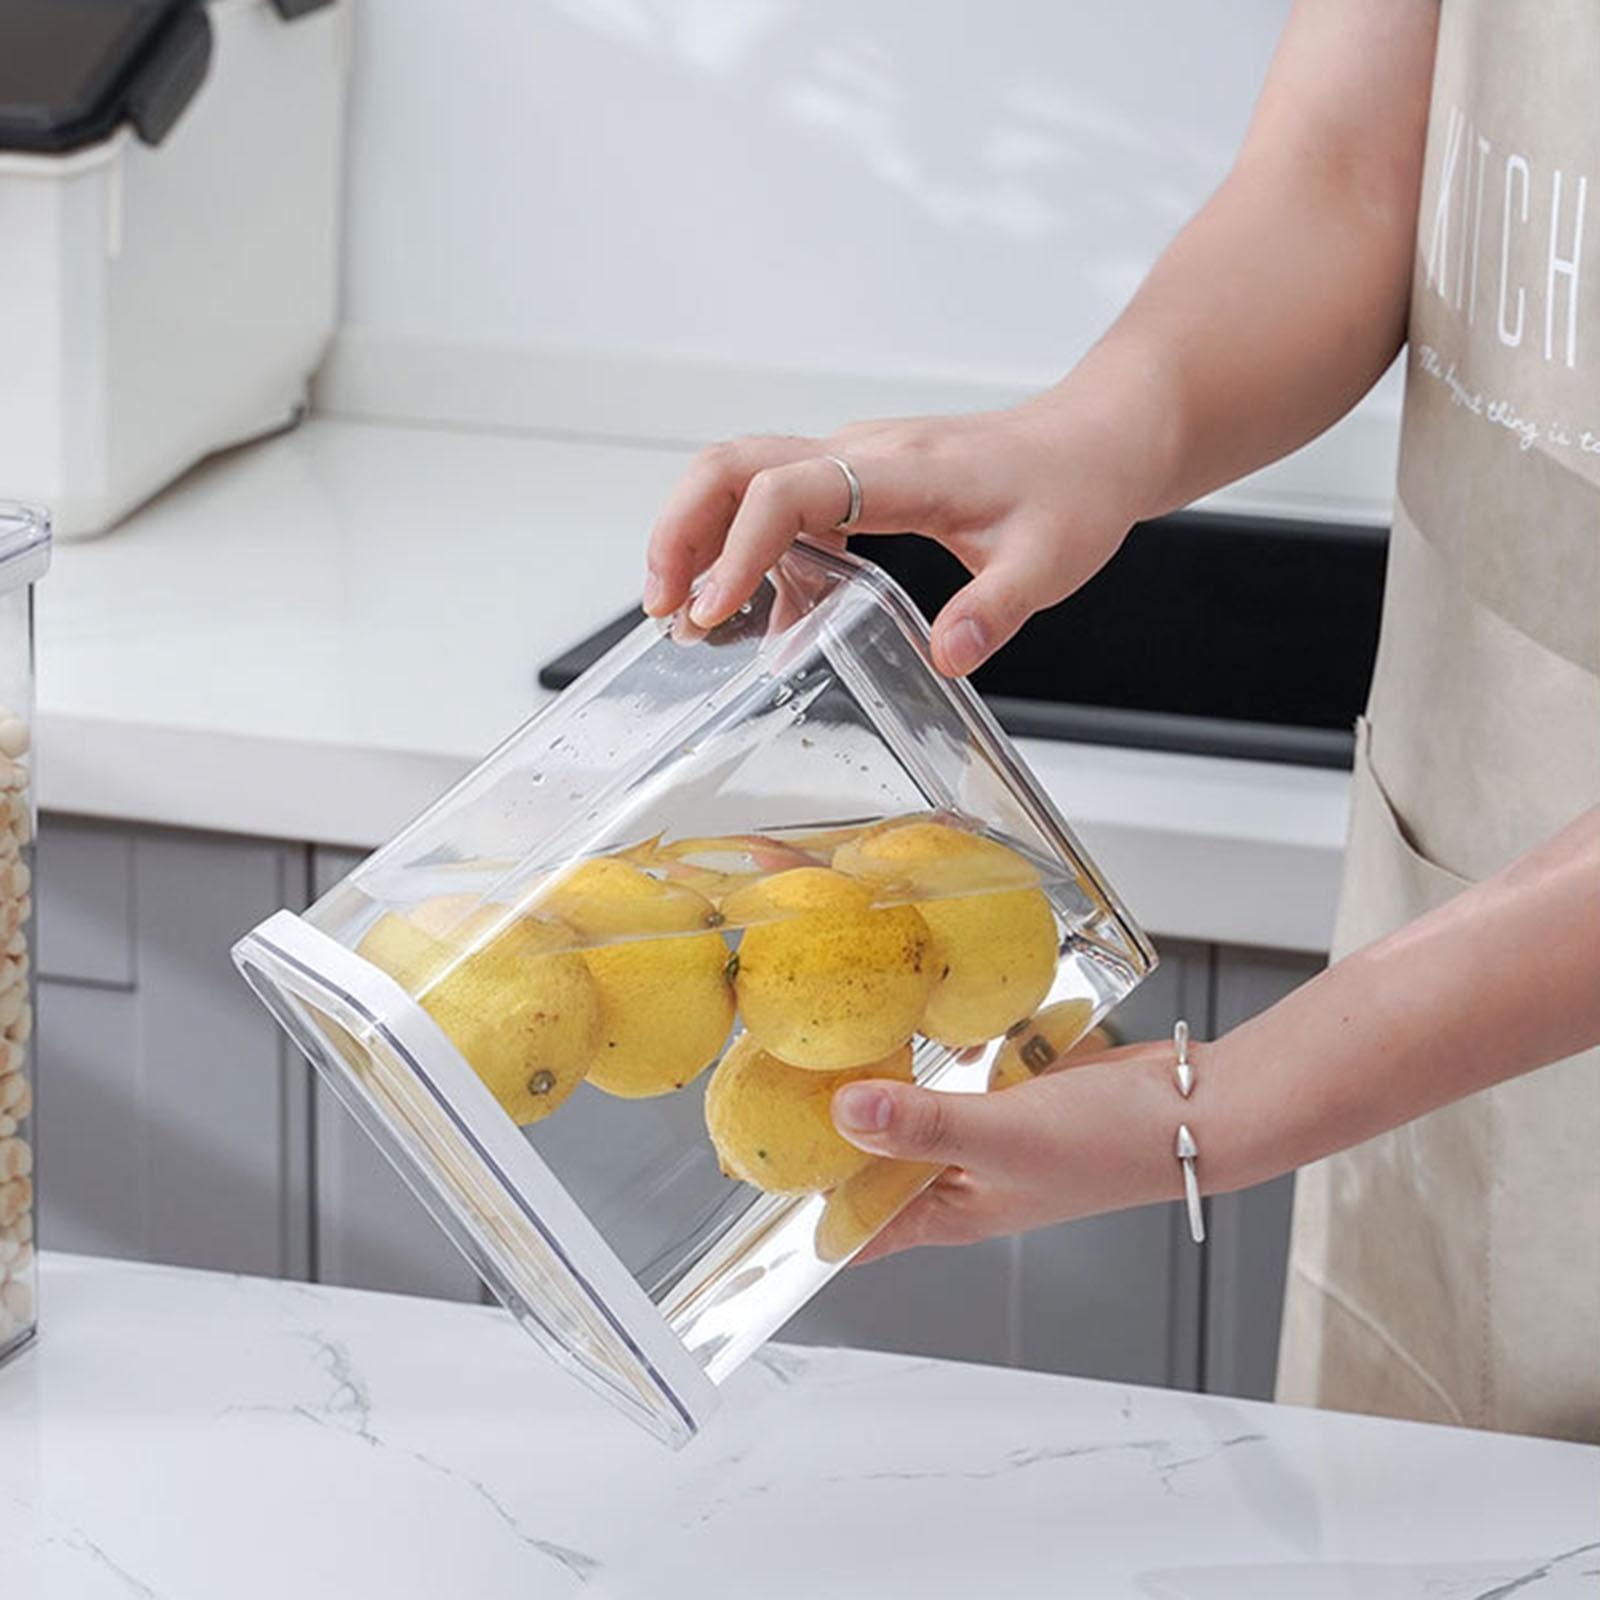 صندوق تخزين صندوق تخزين مقاوم للرطوبة البلاستيك الغذاء مختومة علب التخزين الآمن شفافة عالية السعة حاويات طعام المطبخ